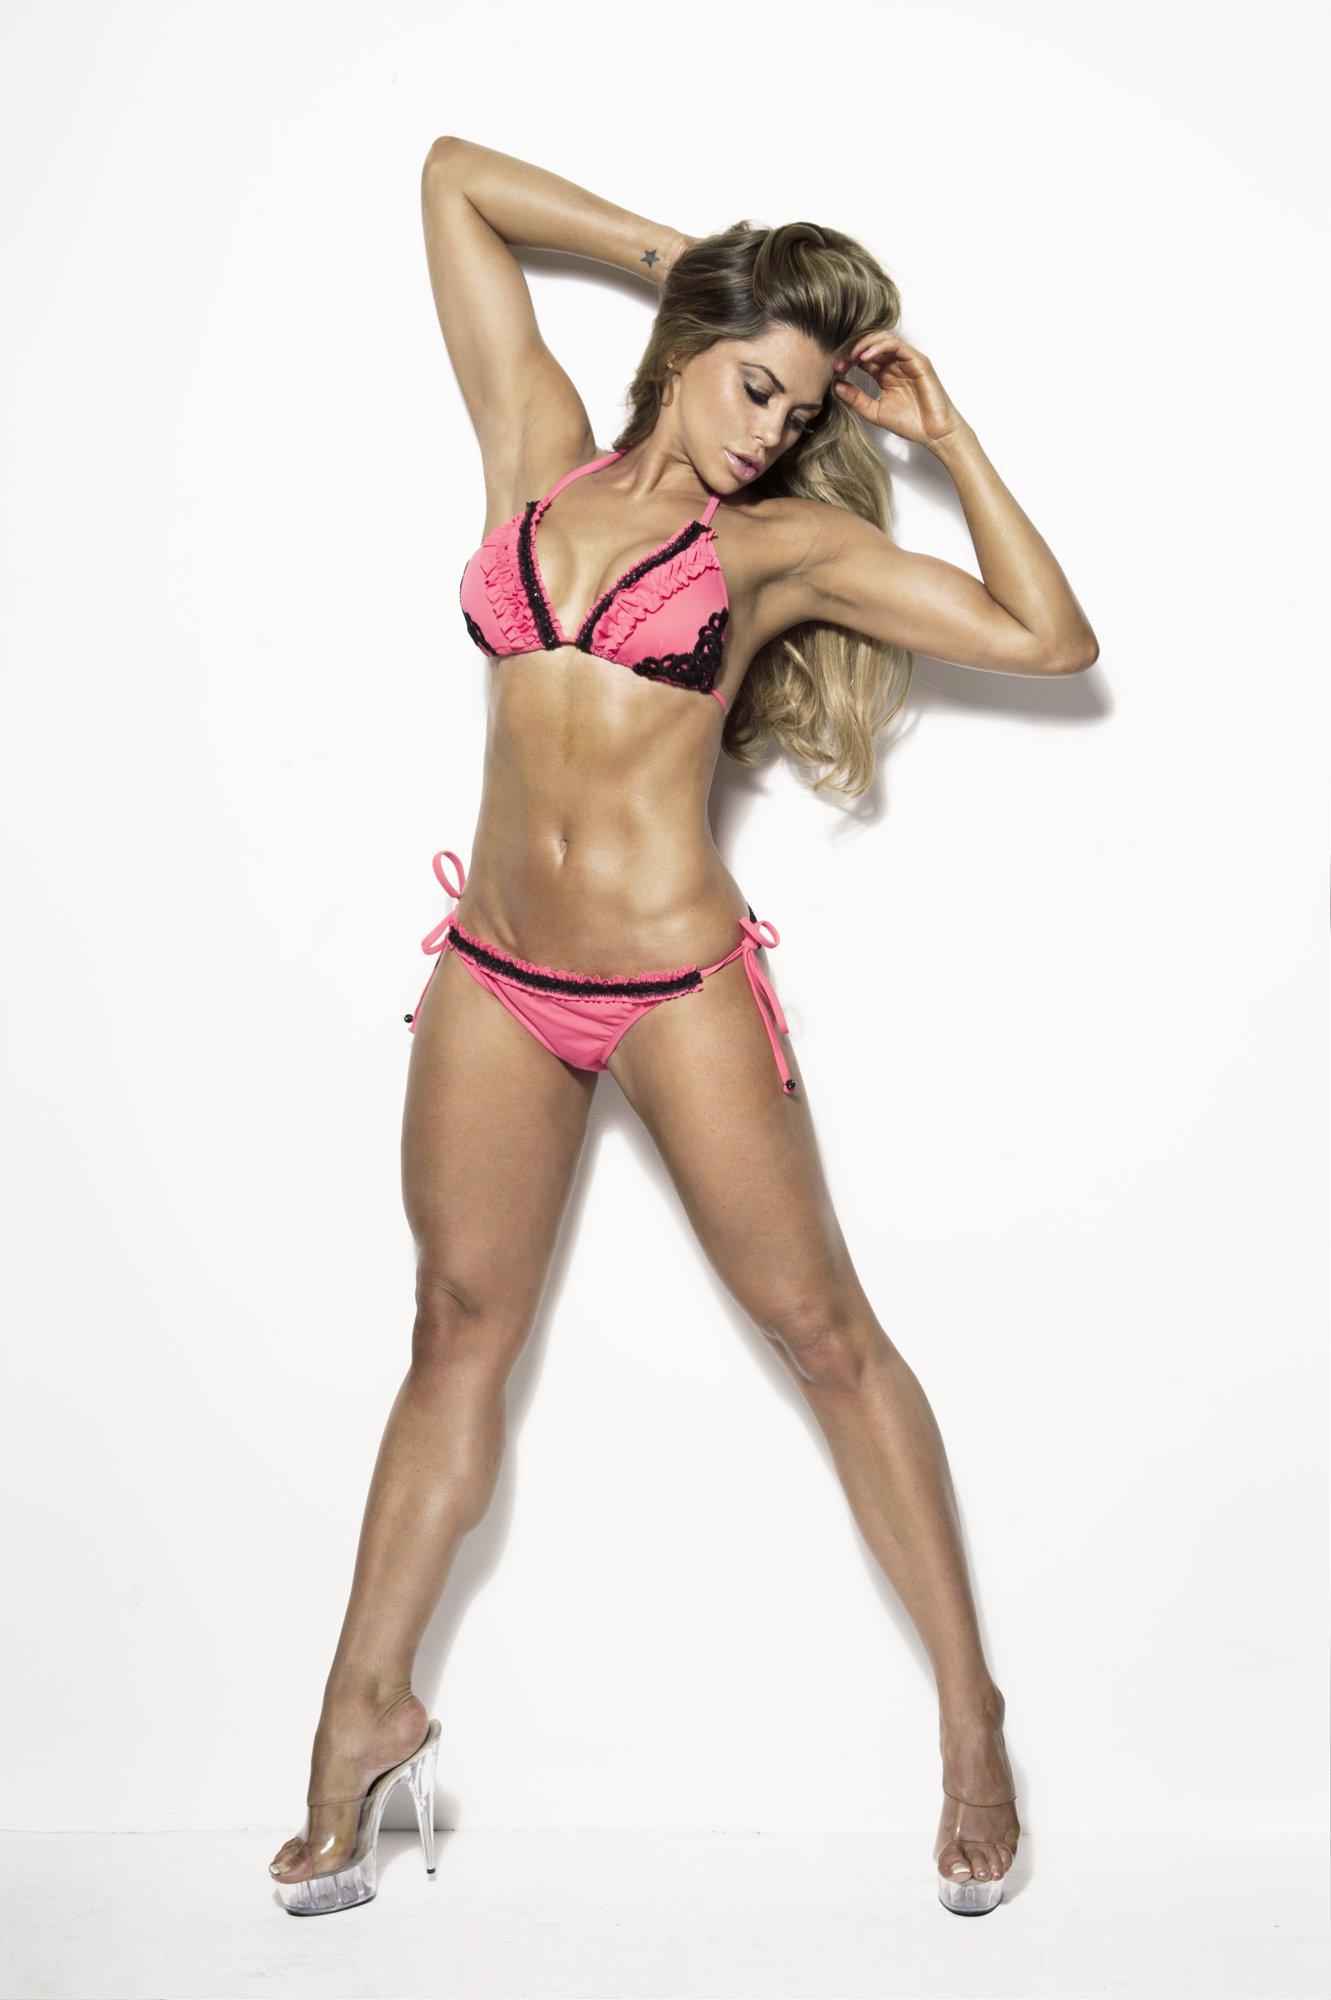 Louise Glover nudes (19 foto) Selfie, iCloud, panties